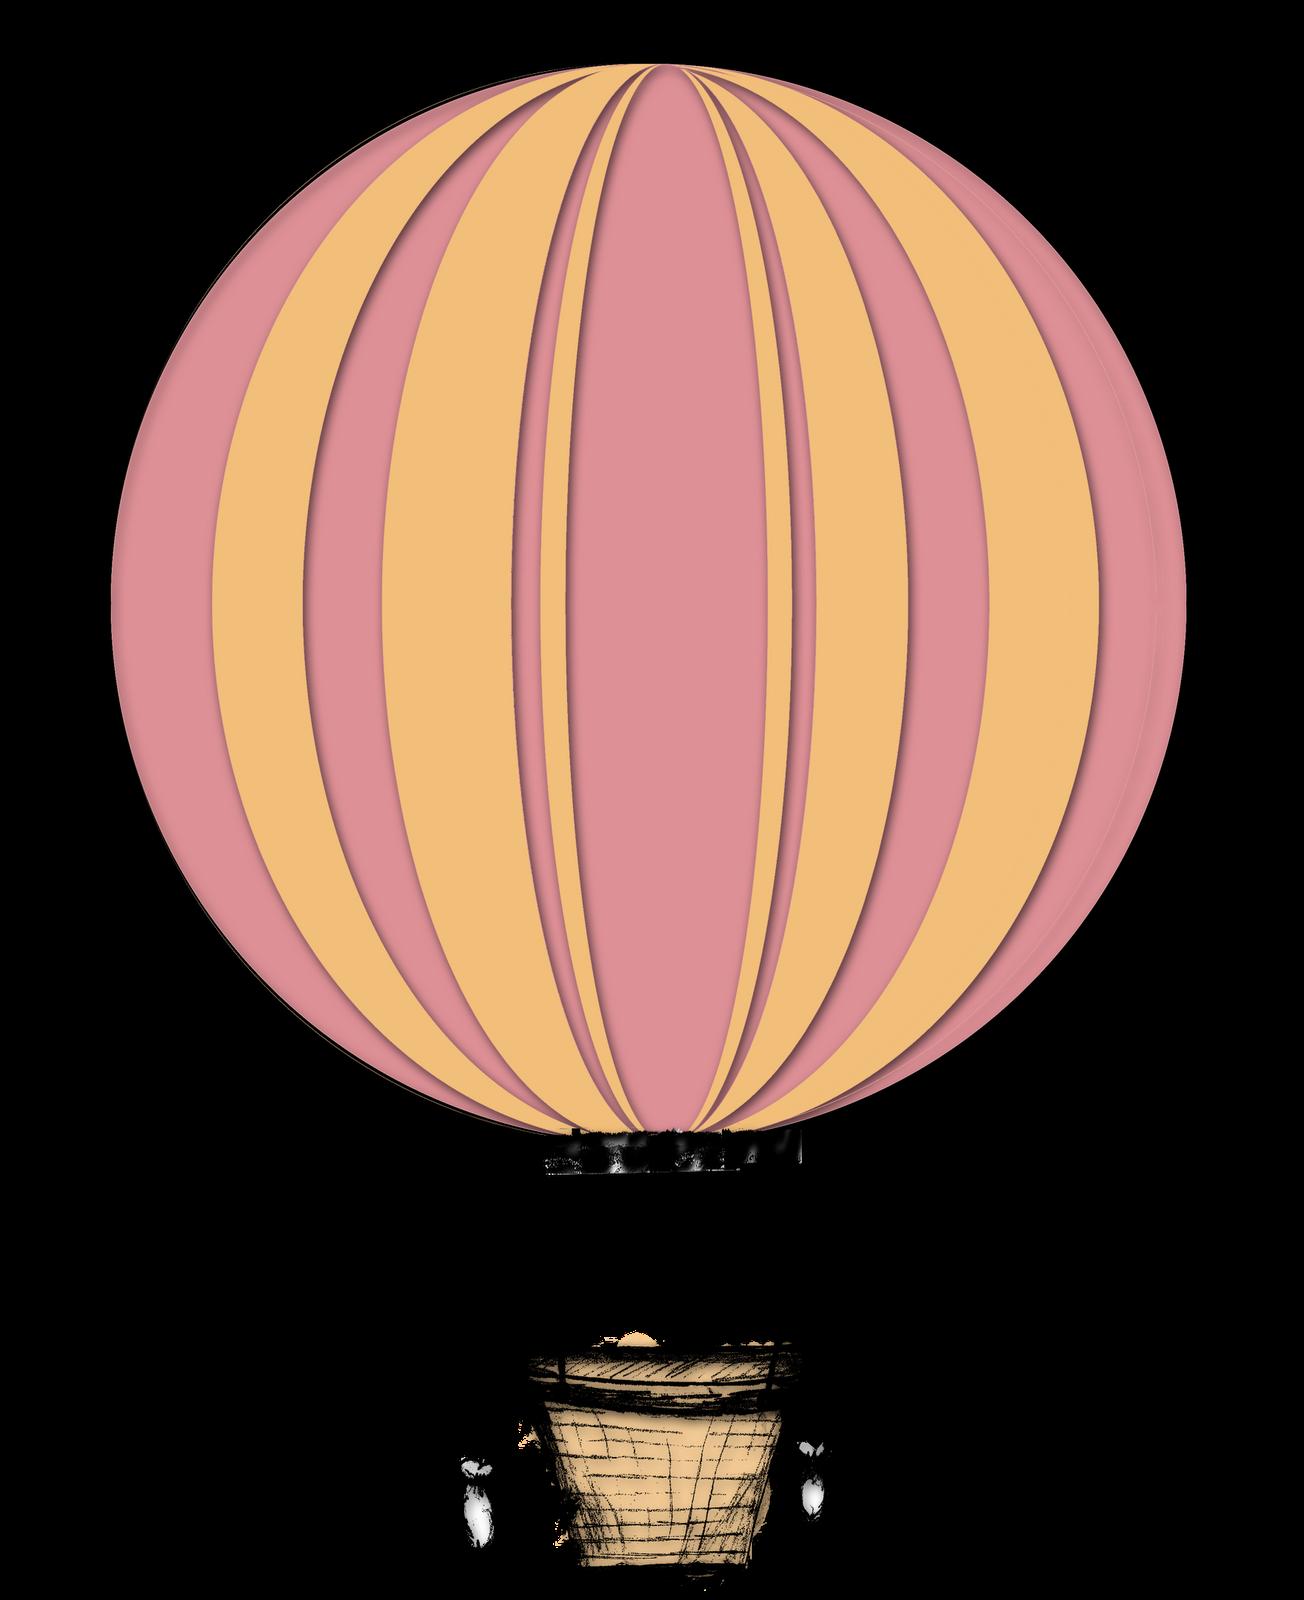 1304x1600 Hot Air Balloon Clipart Drawn